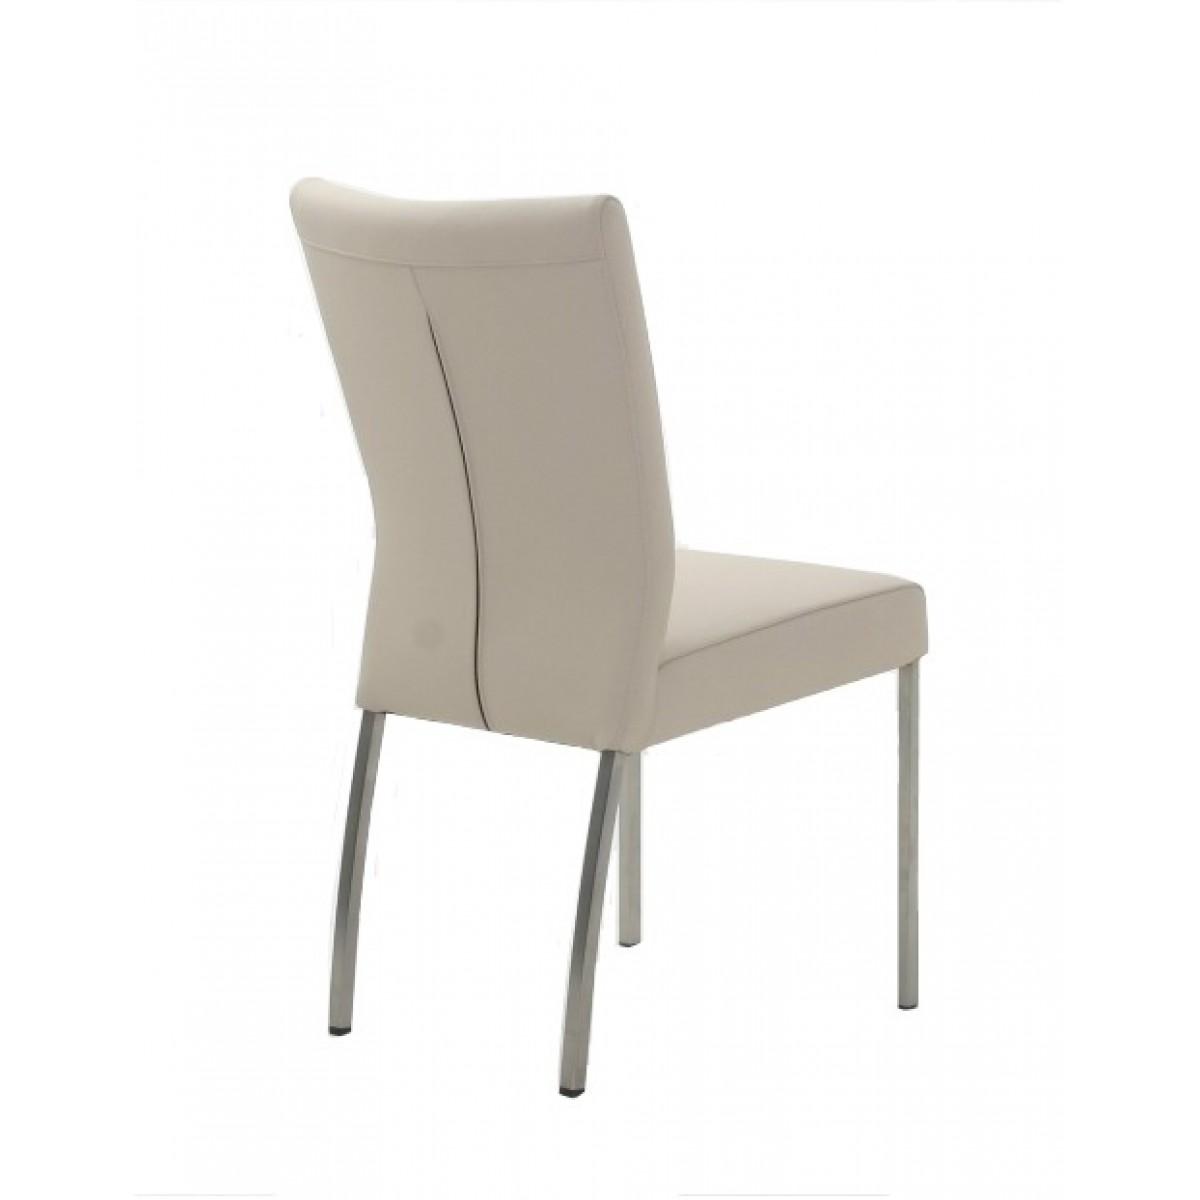 mimoza-stoel-eetkamerstoel-leer-he-design-met-of-zonder-wielen-rug